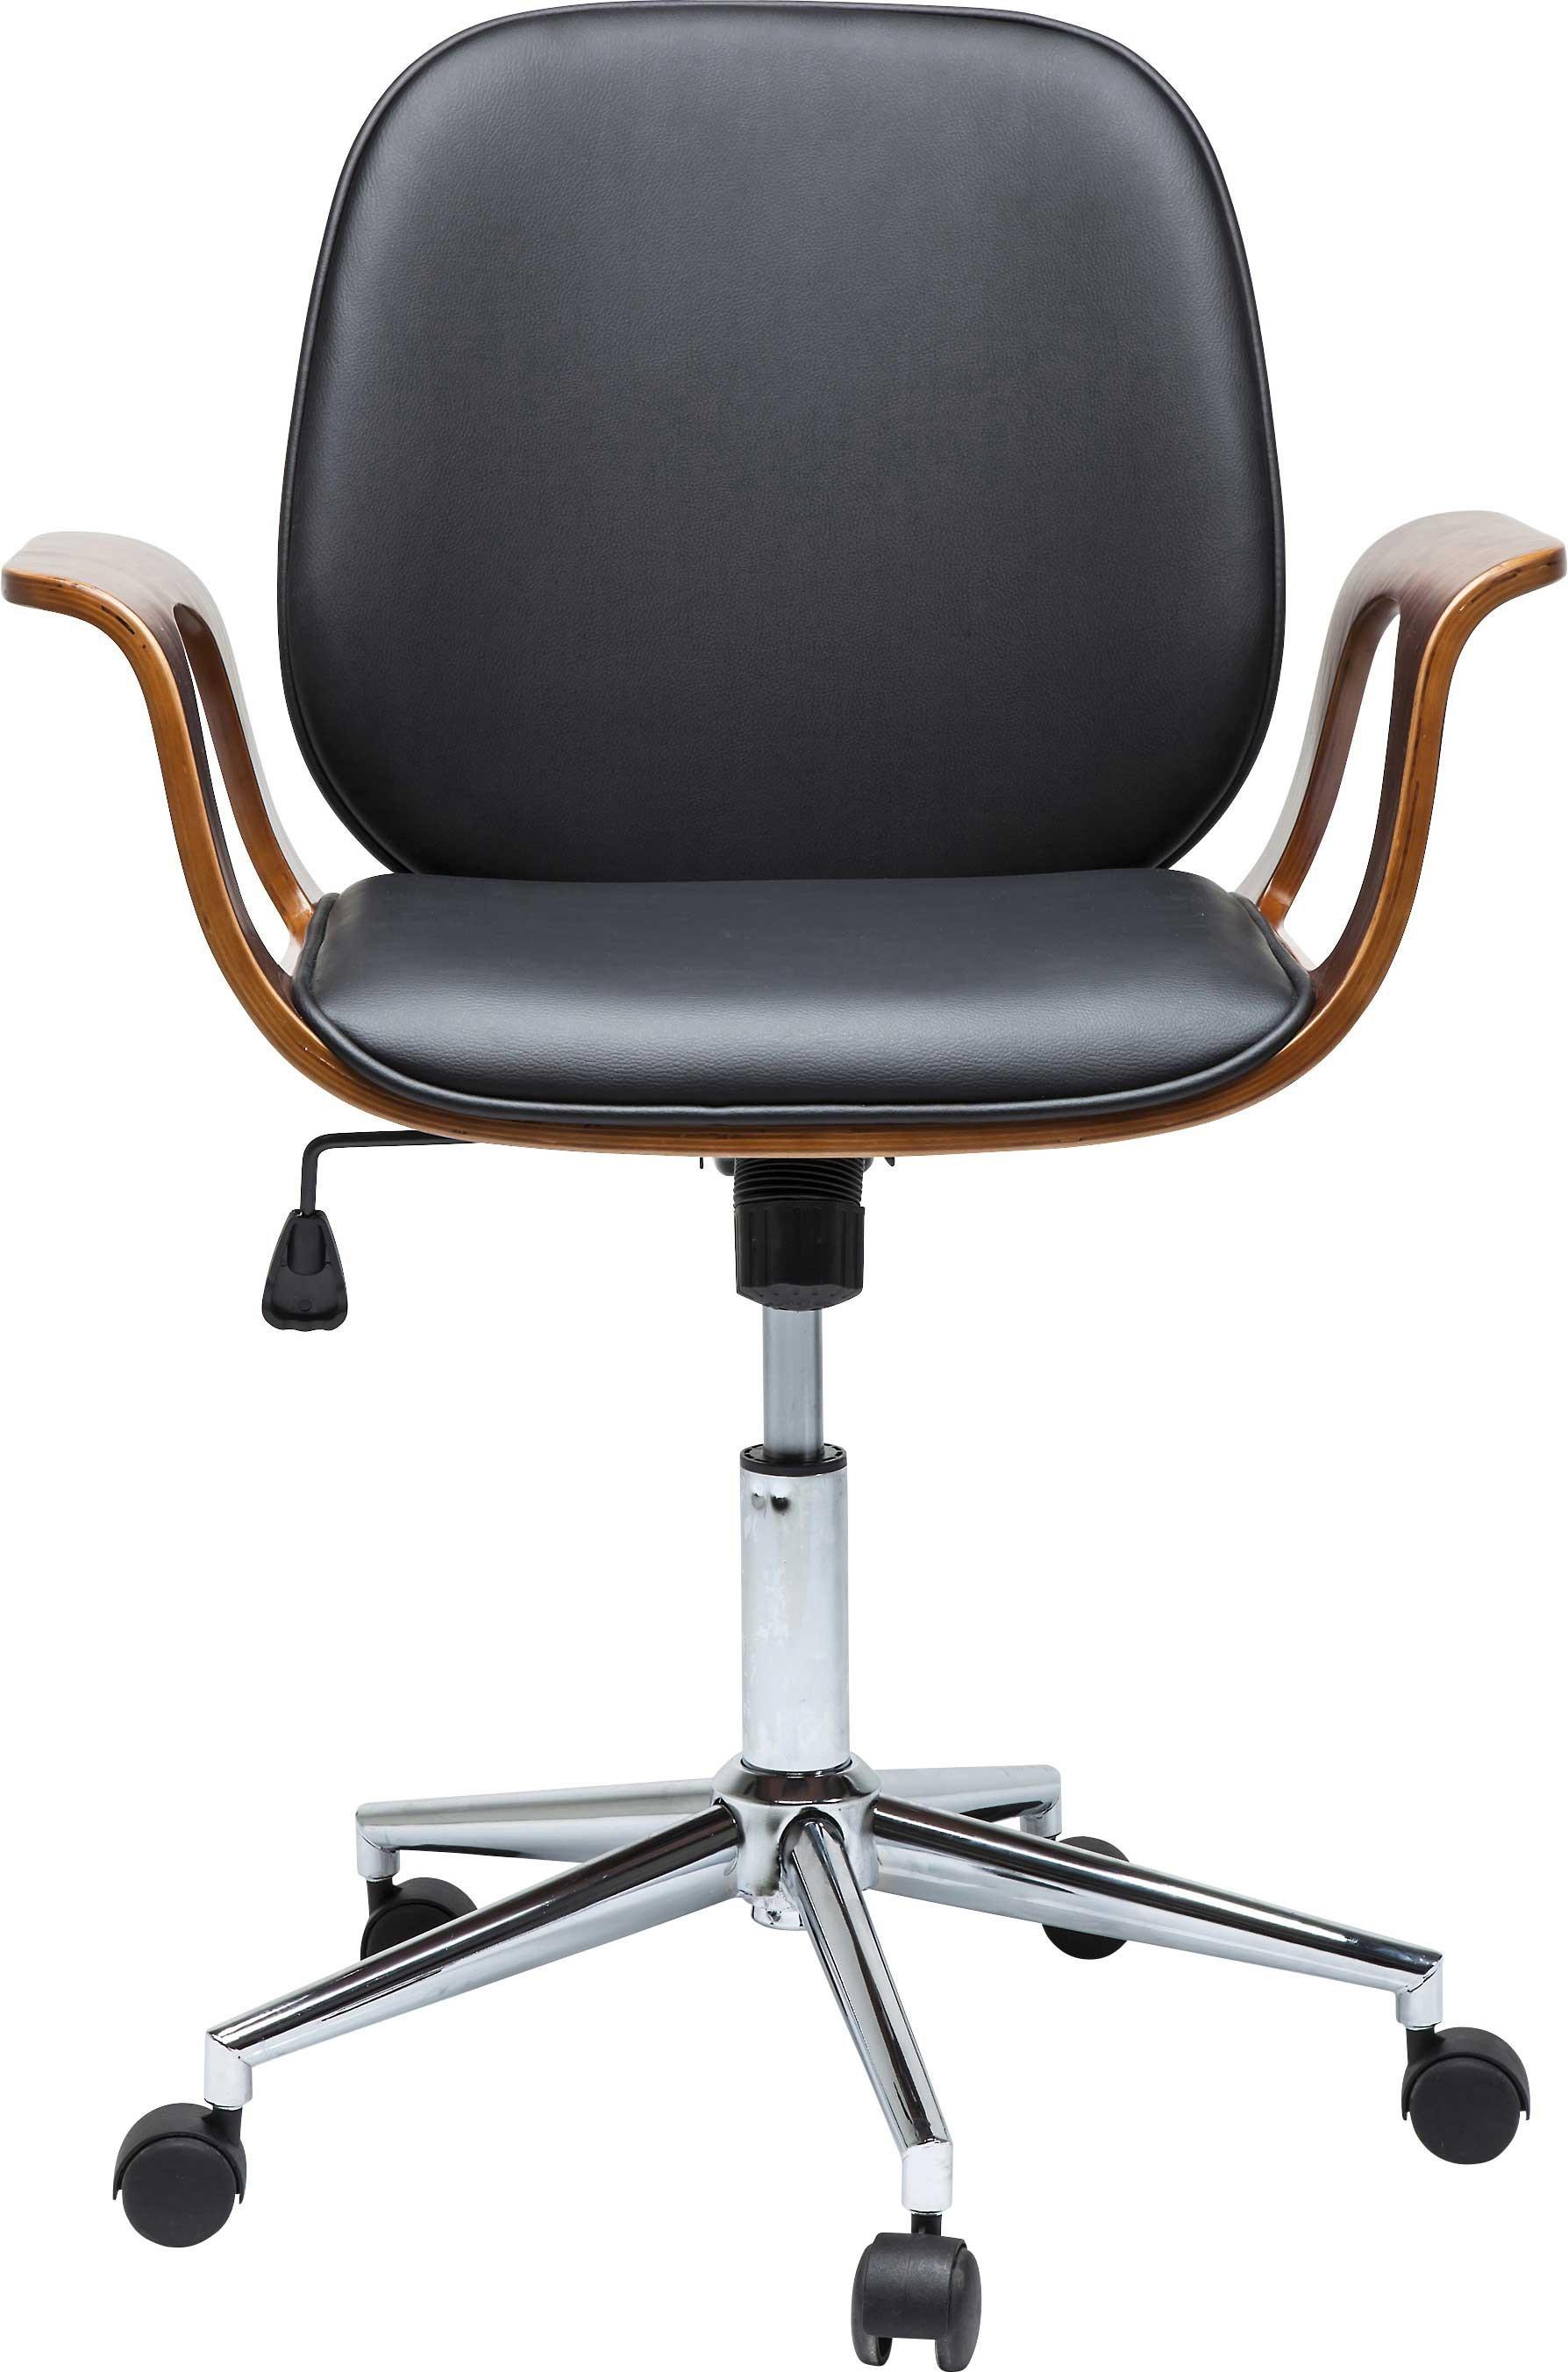 Chaise de bureau pivotante réglable à roulettes noire